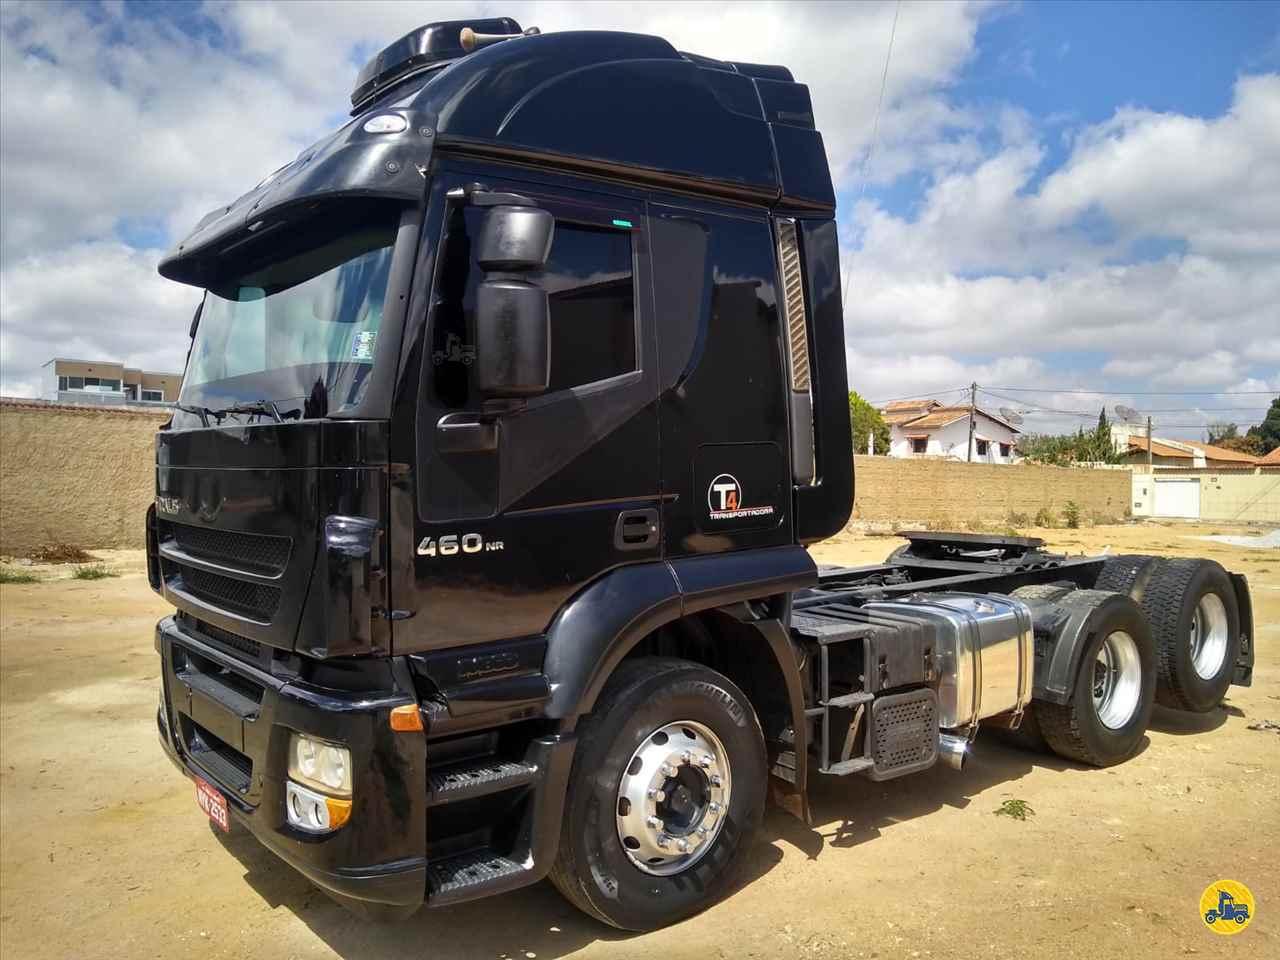 CAMINHAO IVECO STRALIS 460 Cavalo Mecânico Truck 6x2 Transportadora e Logística Quatro ITAMBE BAHIA BA